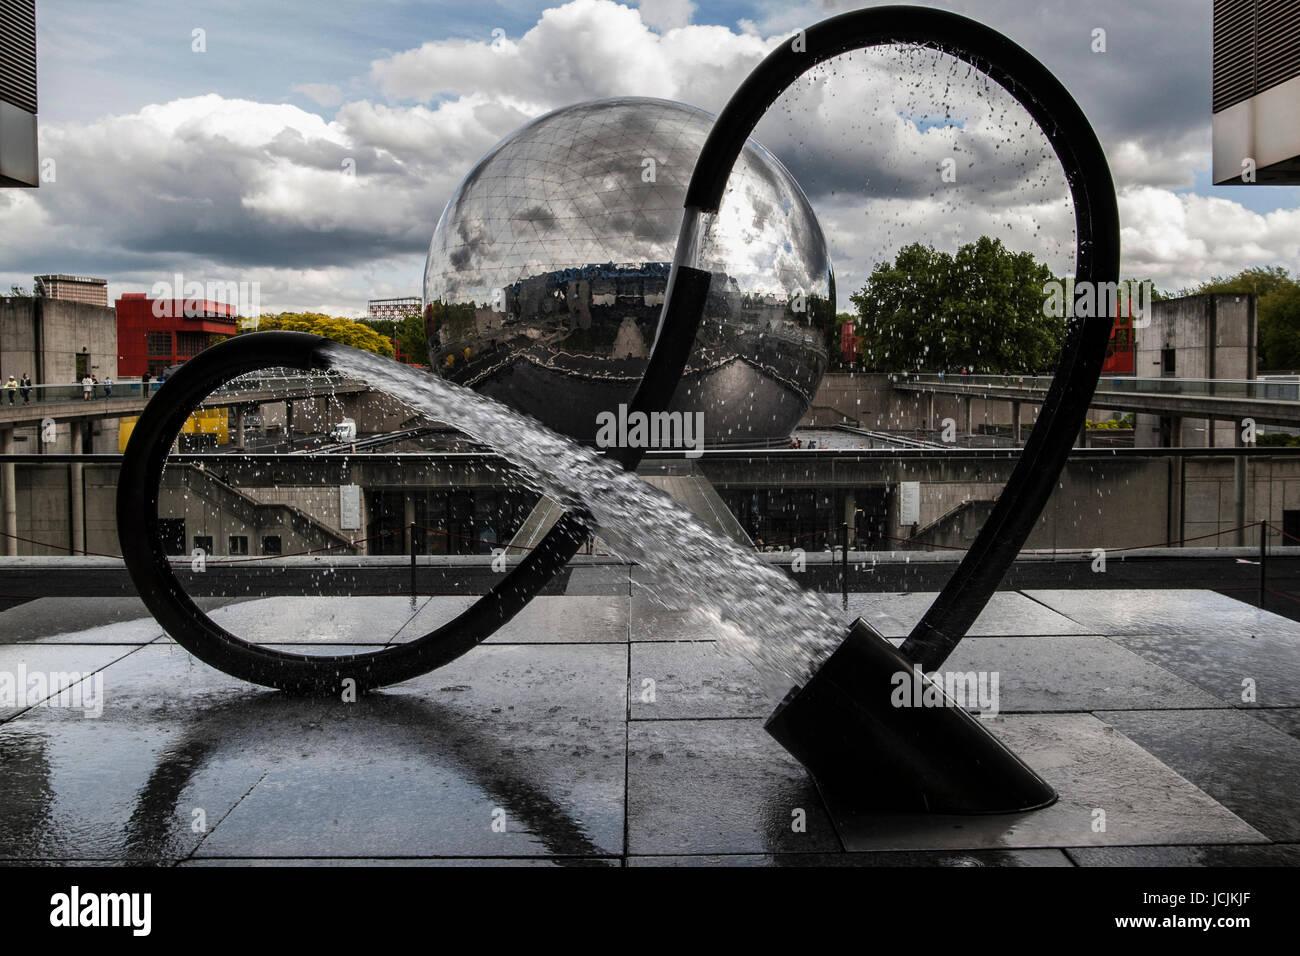 París, Francia - Cite des Sciences et de l'Industrie - Esfera GEODE - Fuente - PARC DE LA VILLETTE DE PARÍS © Frédéric BEAUMONT Foto de stock